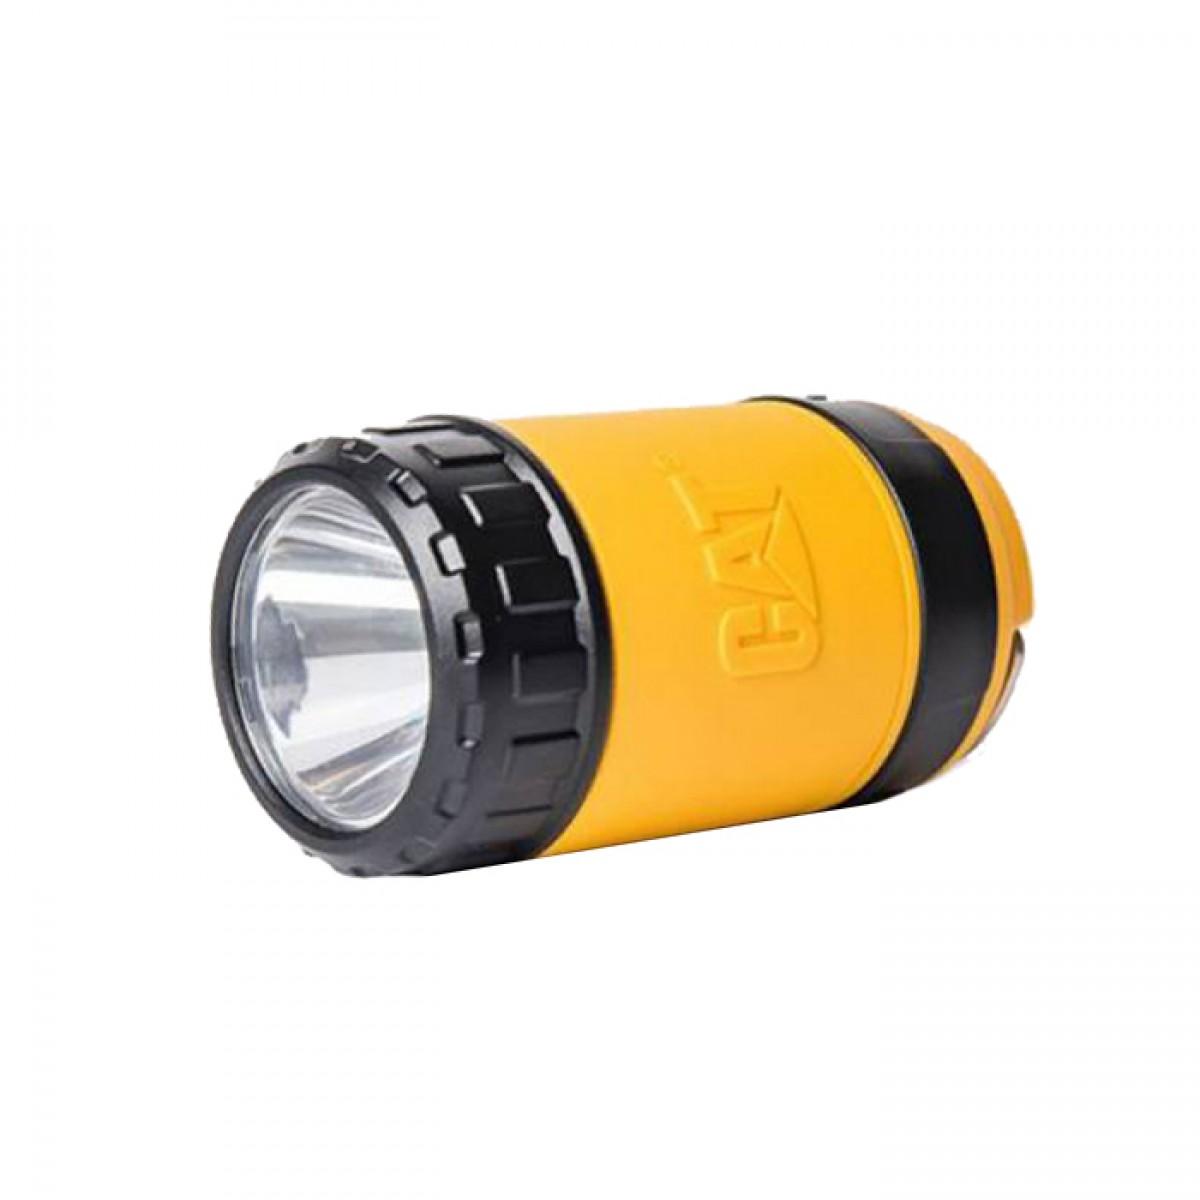 Φακός πολλαπλών χρήσεων διπλός 100&200 Lumens CT6510 CAT Lights